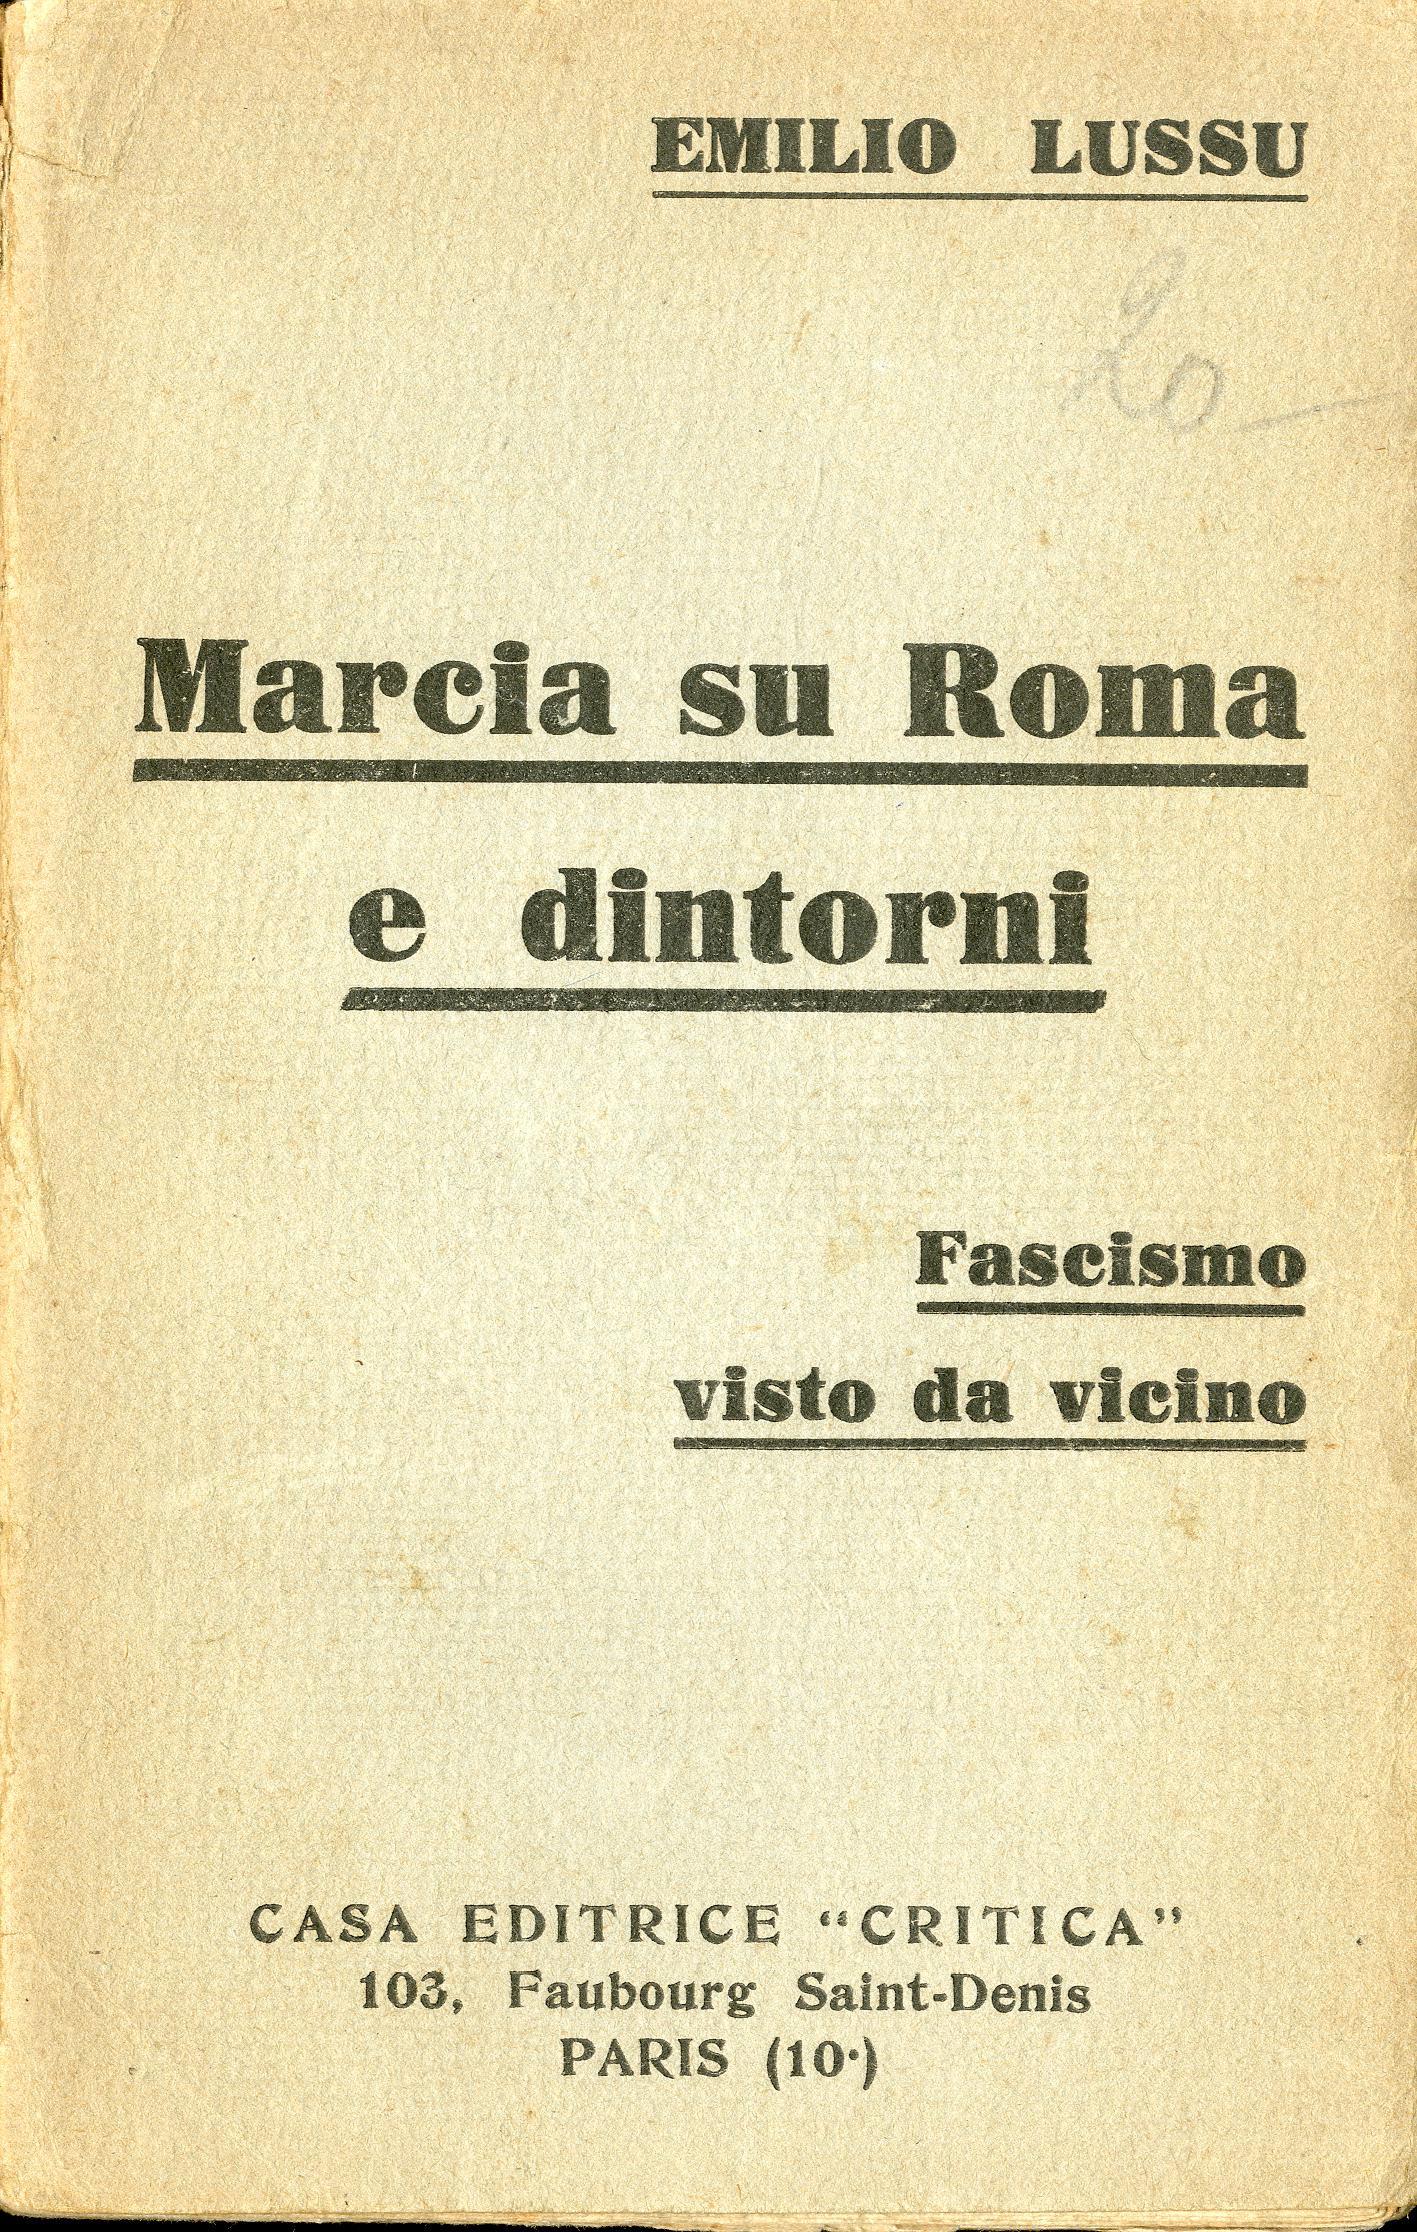 17. La montée du fascisme documentée